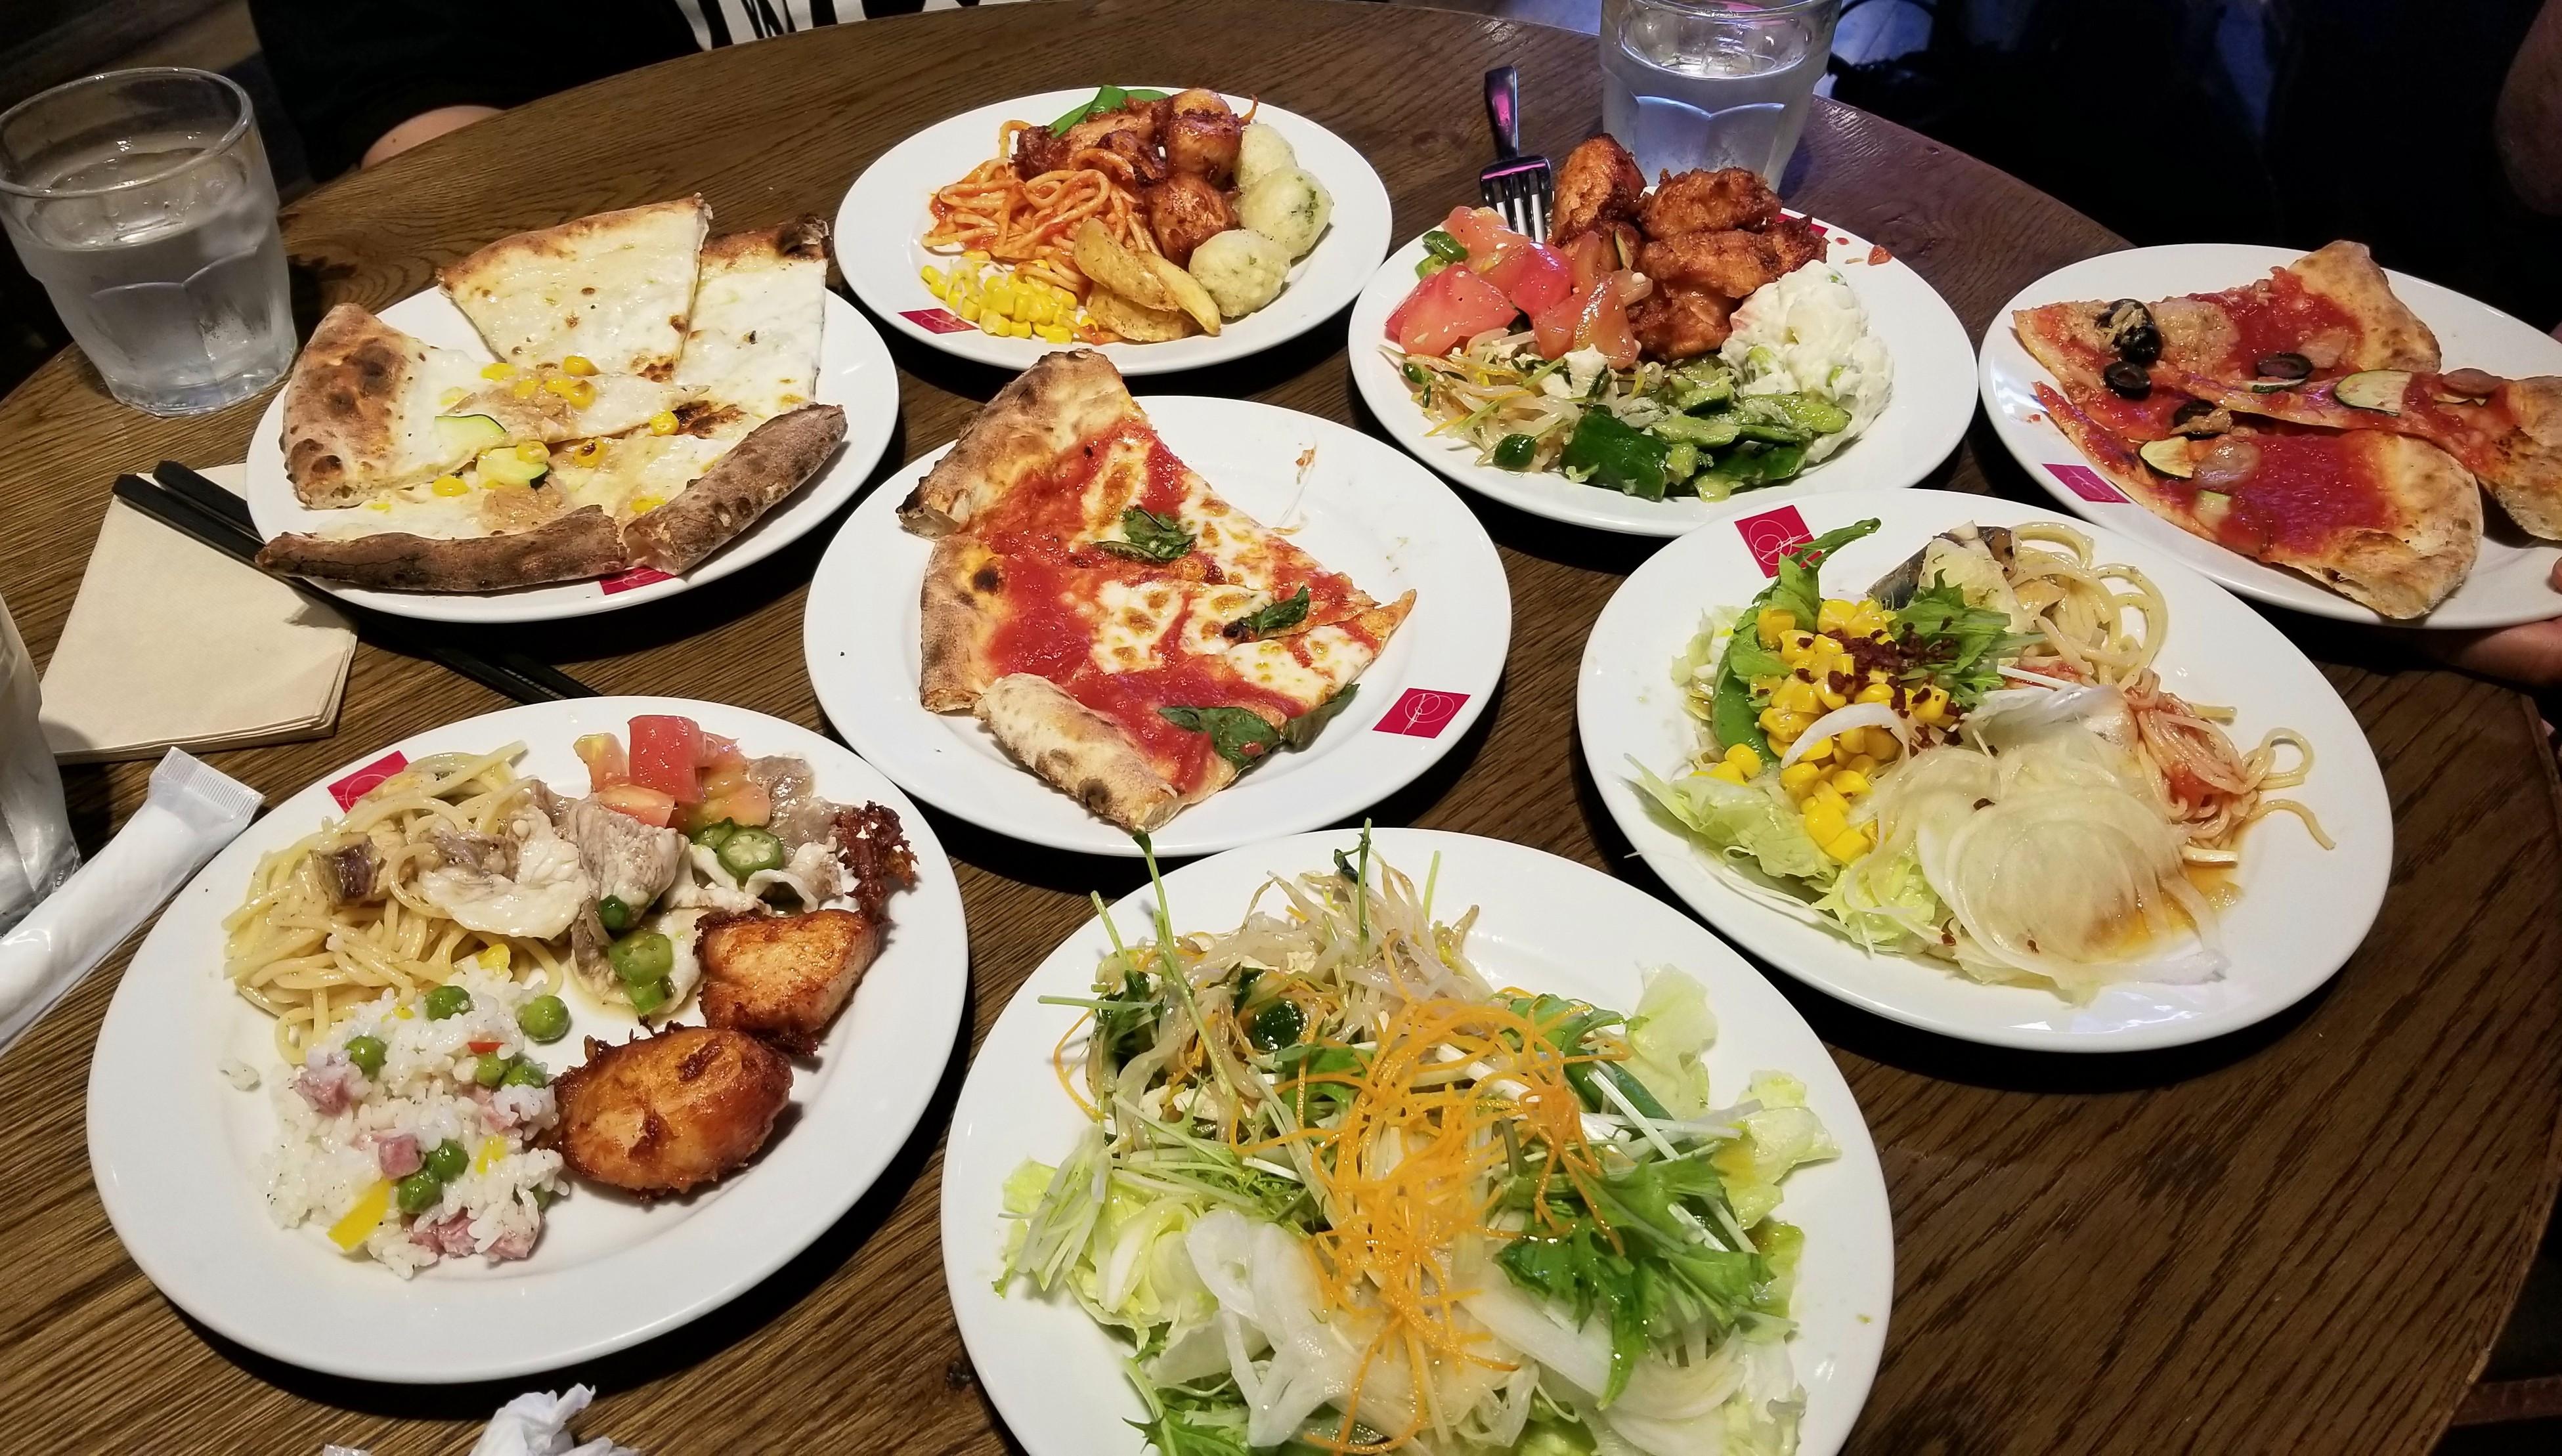 愛媛県松山市ピザバイキング食べ放題美味しいおすすめ洋風レストラン